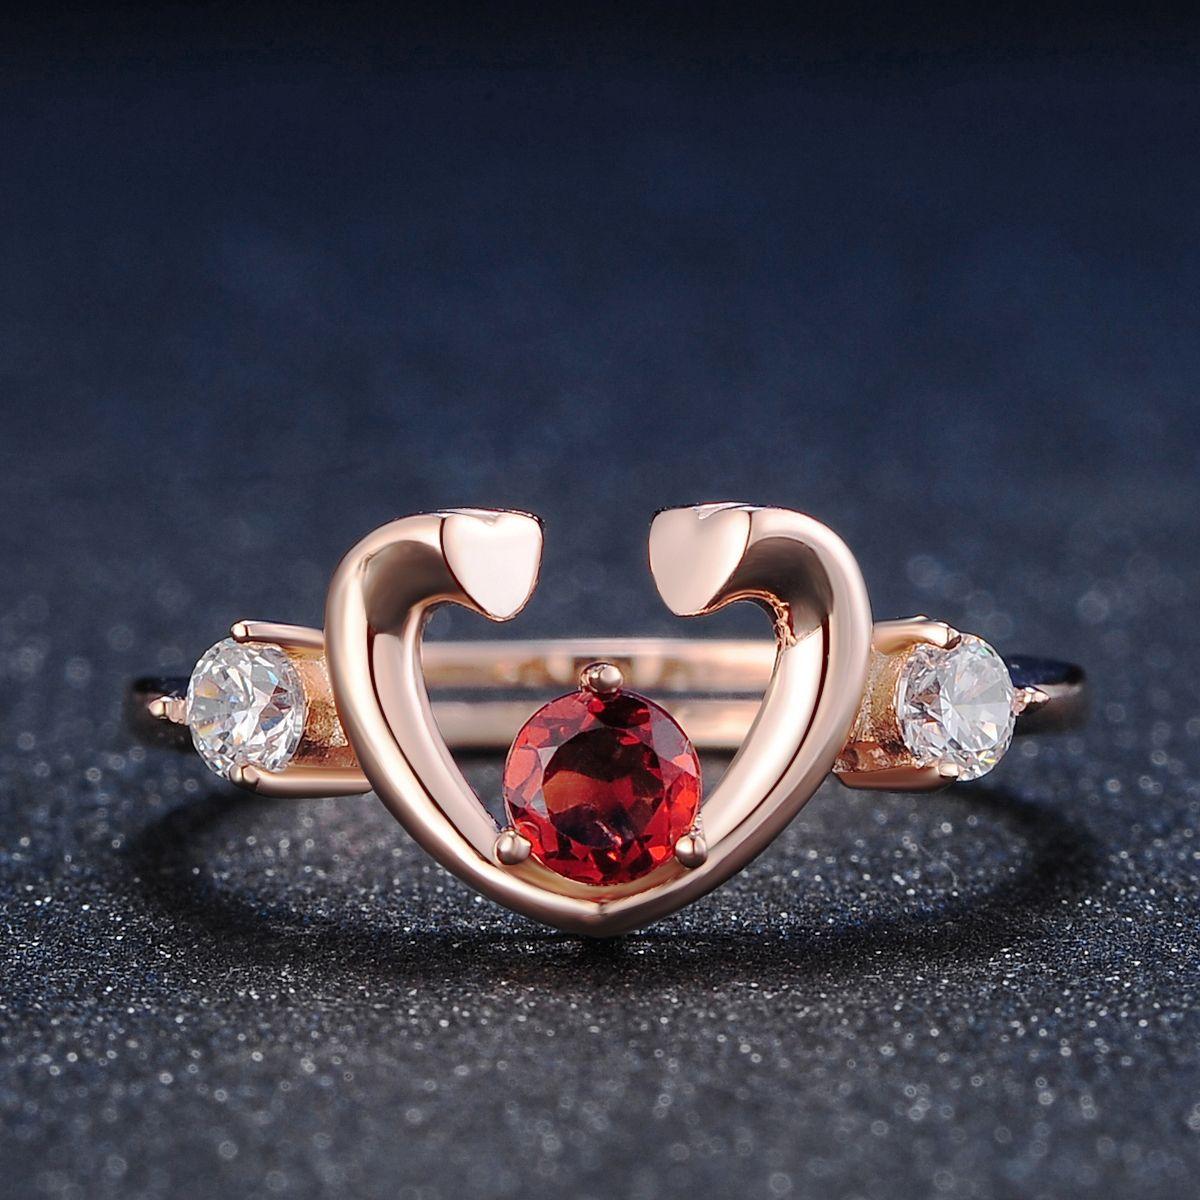 Womens fashion ring Sterling silver wedding rings